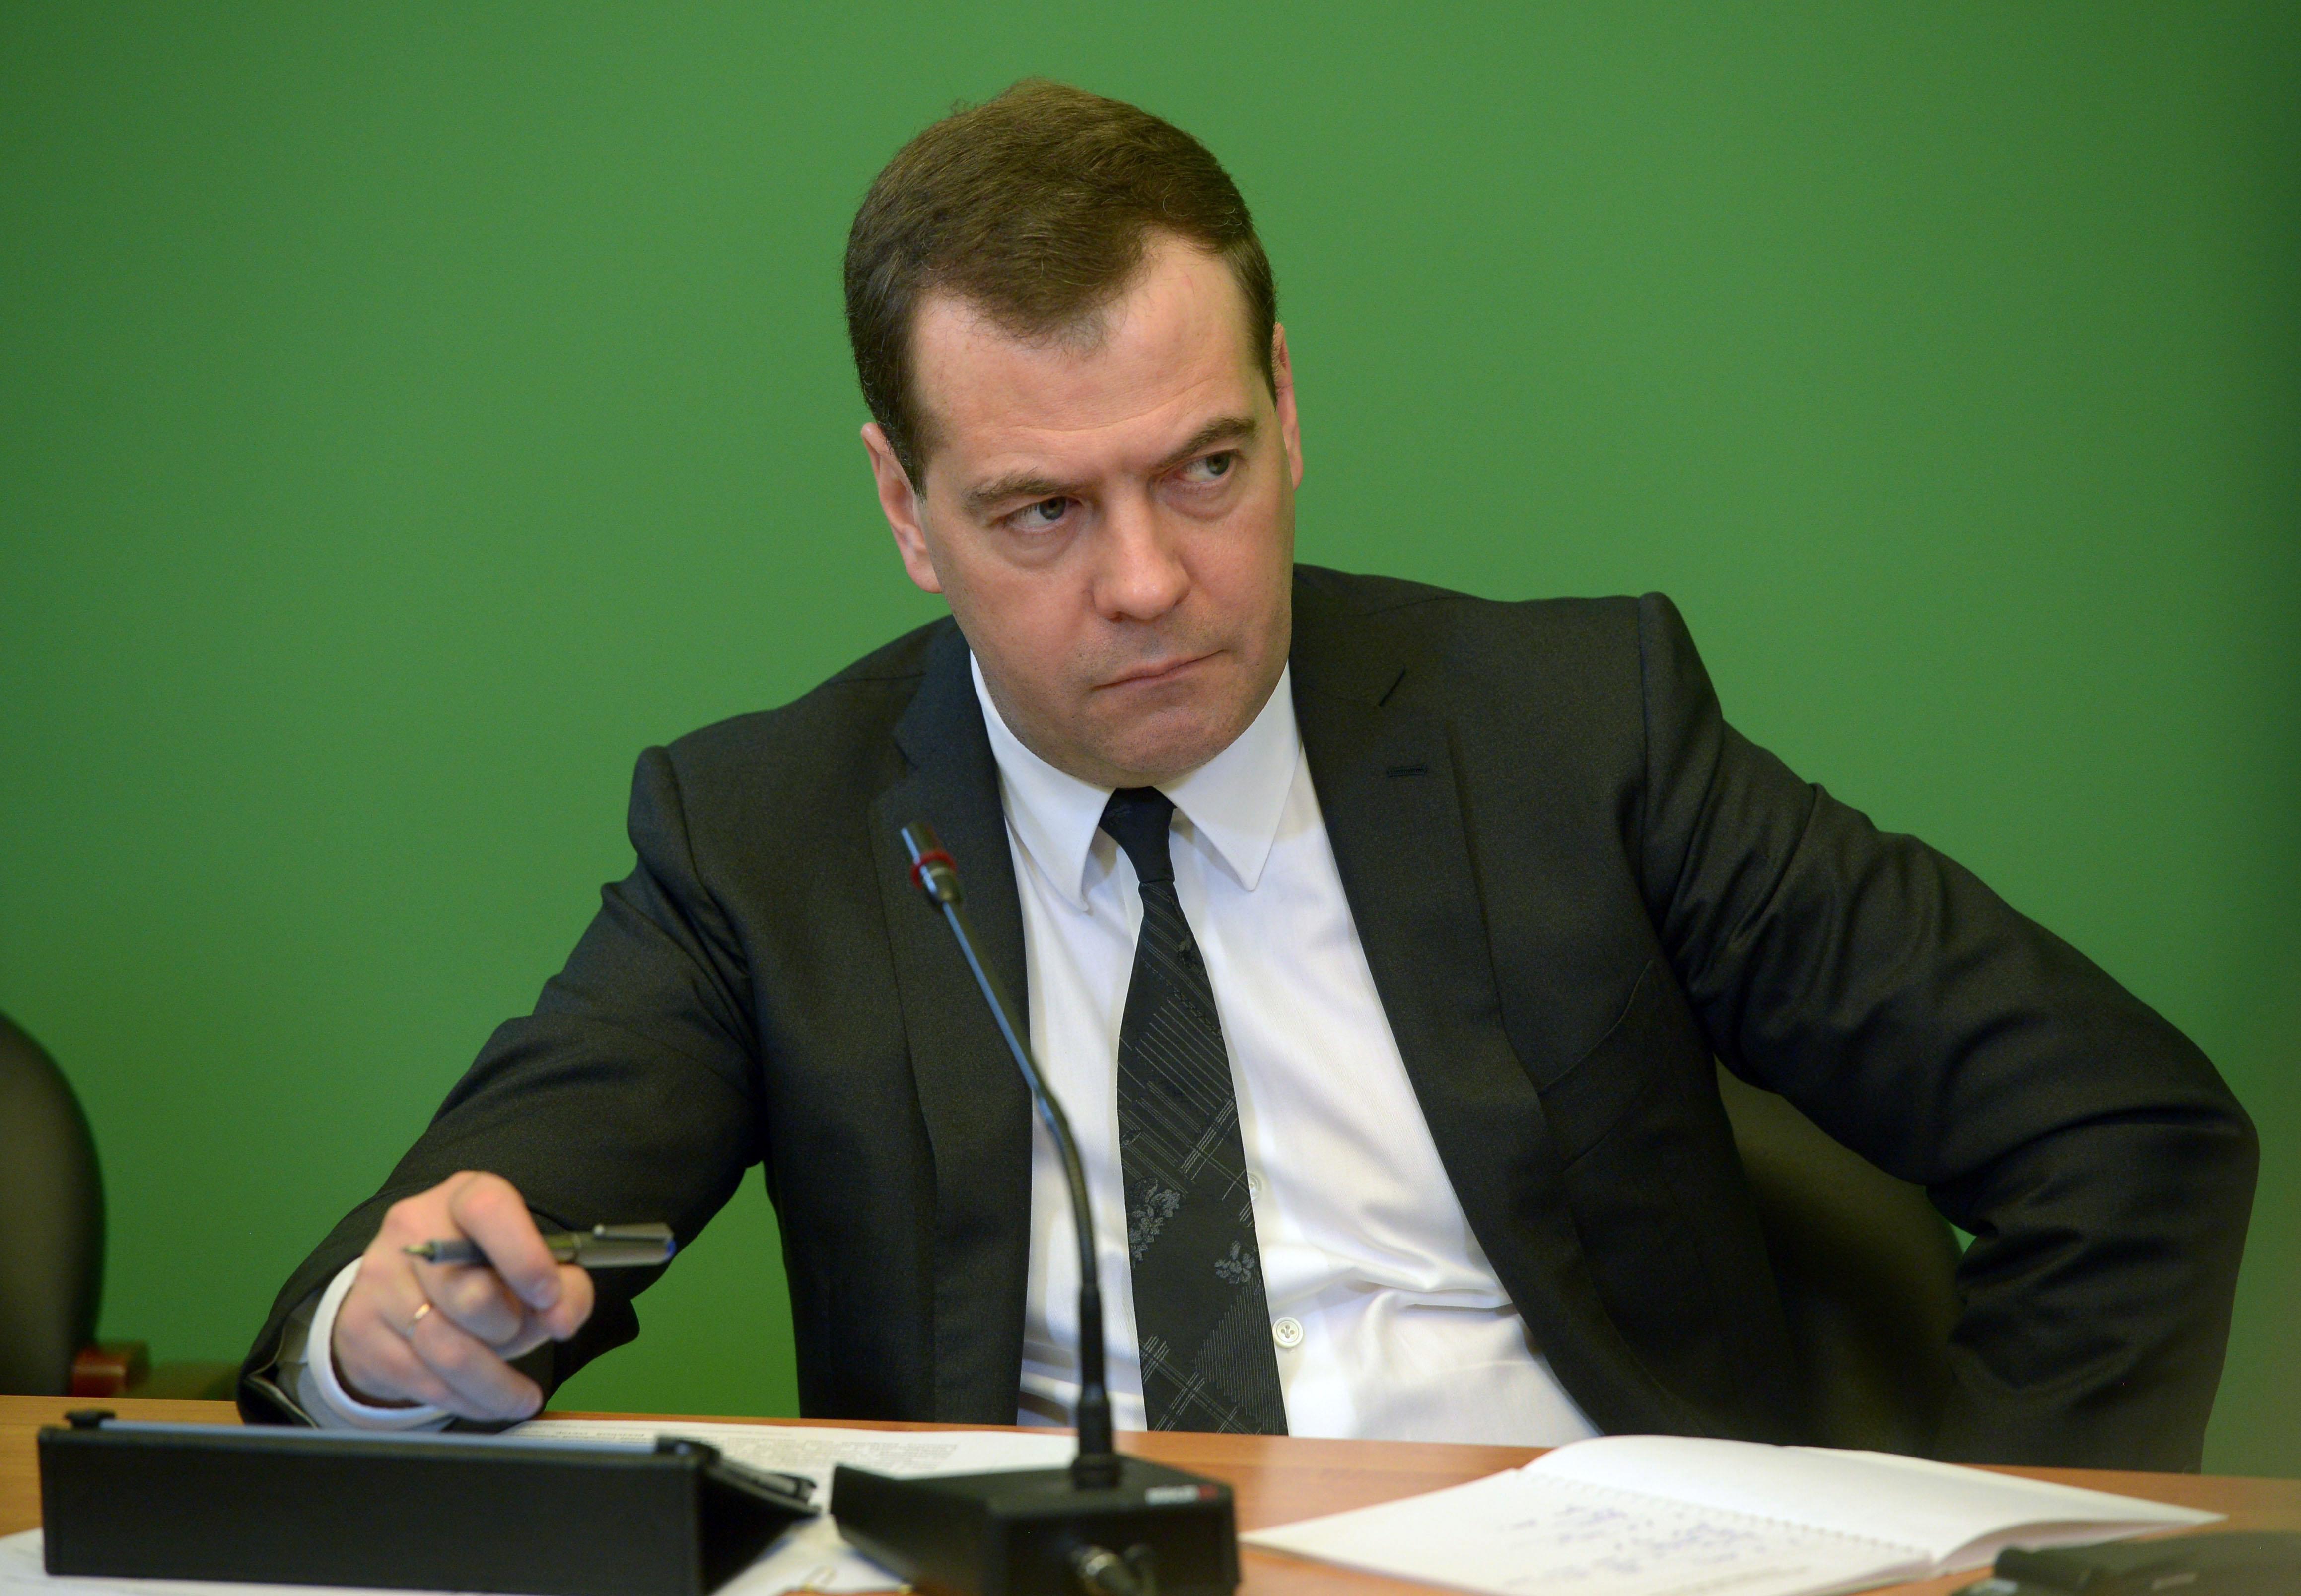 Медведев опомнился после своего провала в оккупированном Крыму: премьер намерен лично решить вопросы населения полуострова